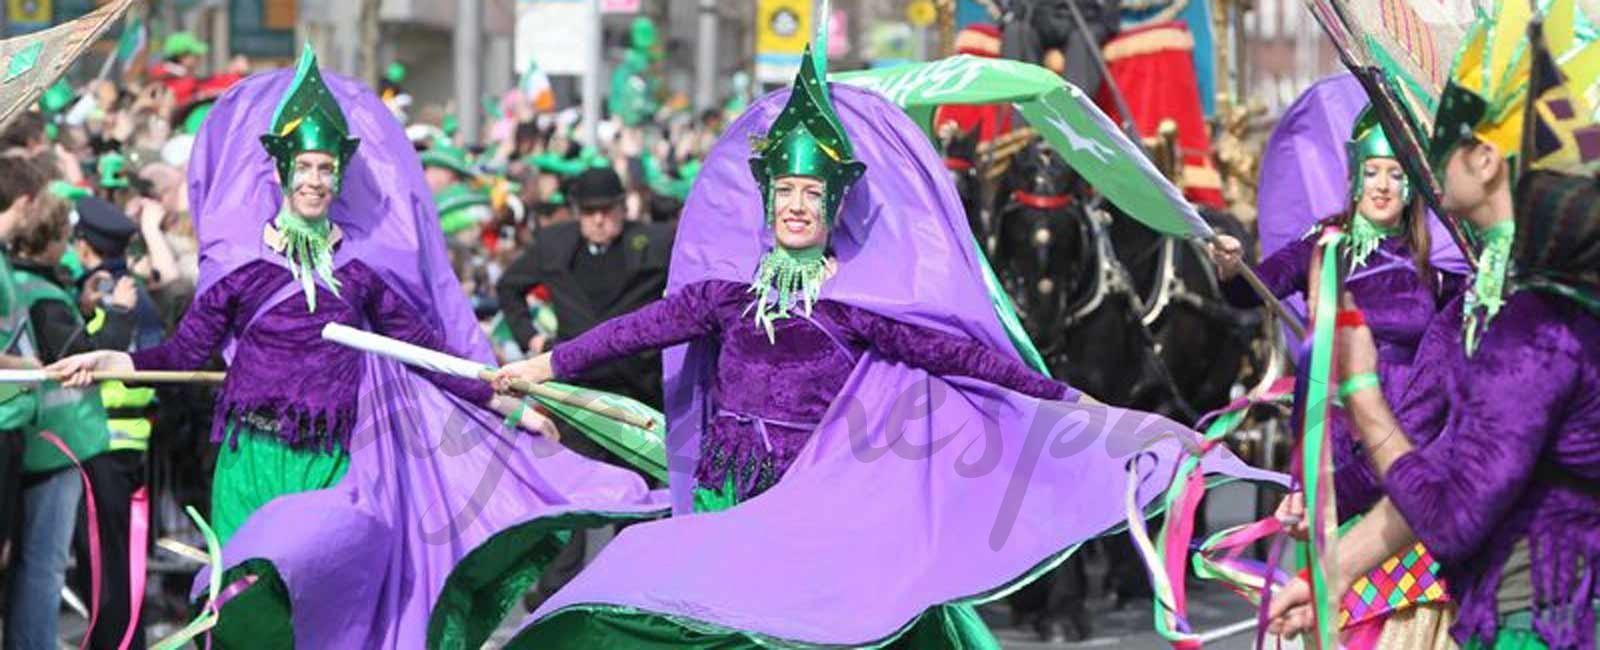 Irlanda se prepara para celebrar su San Patricio más welcoming